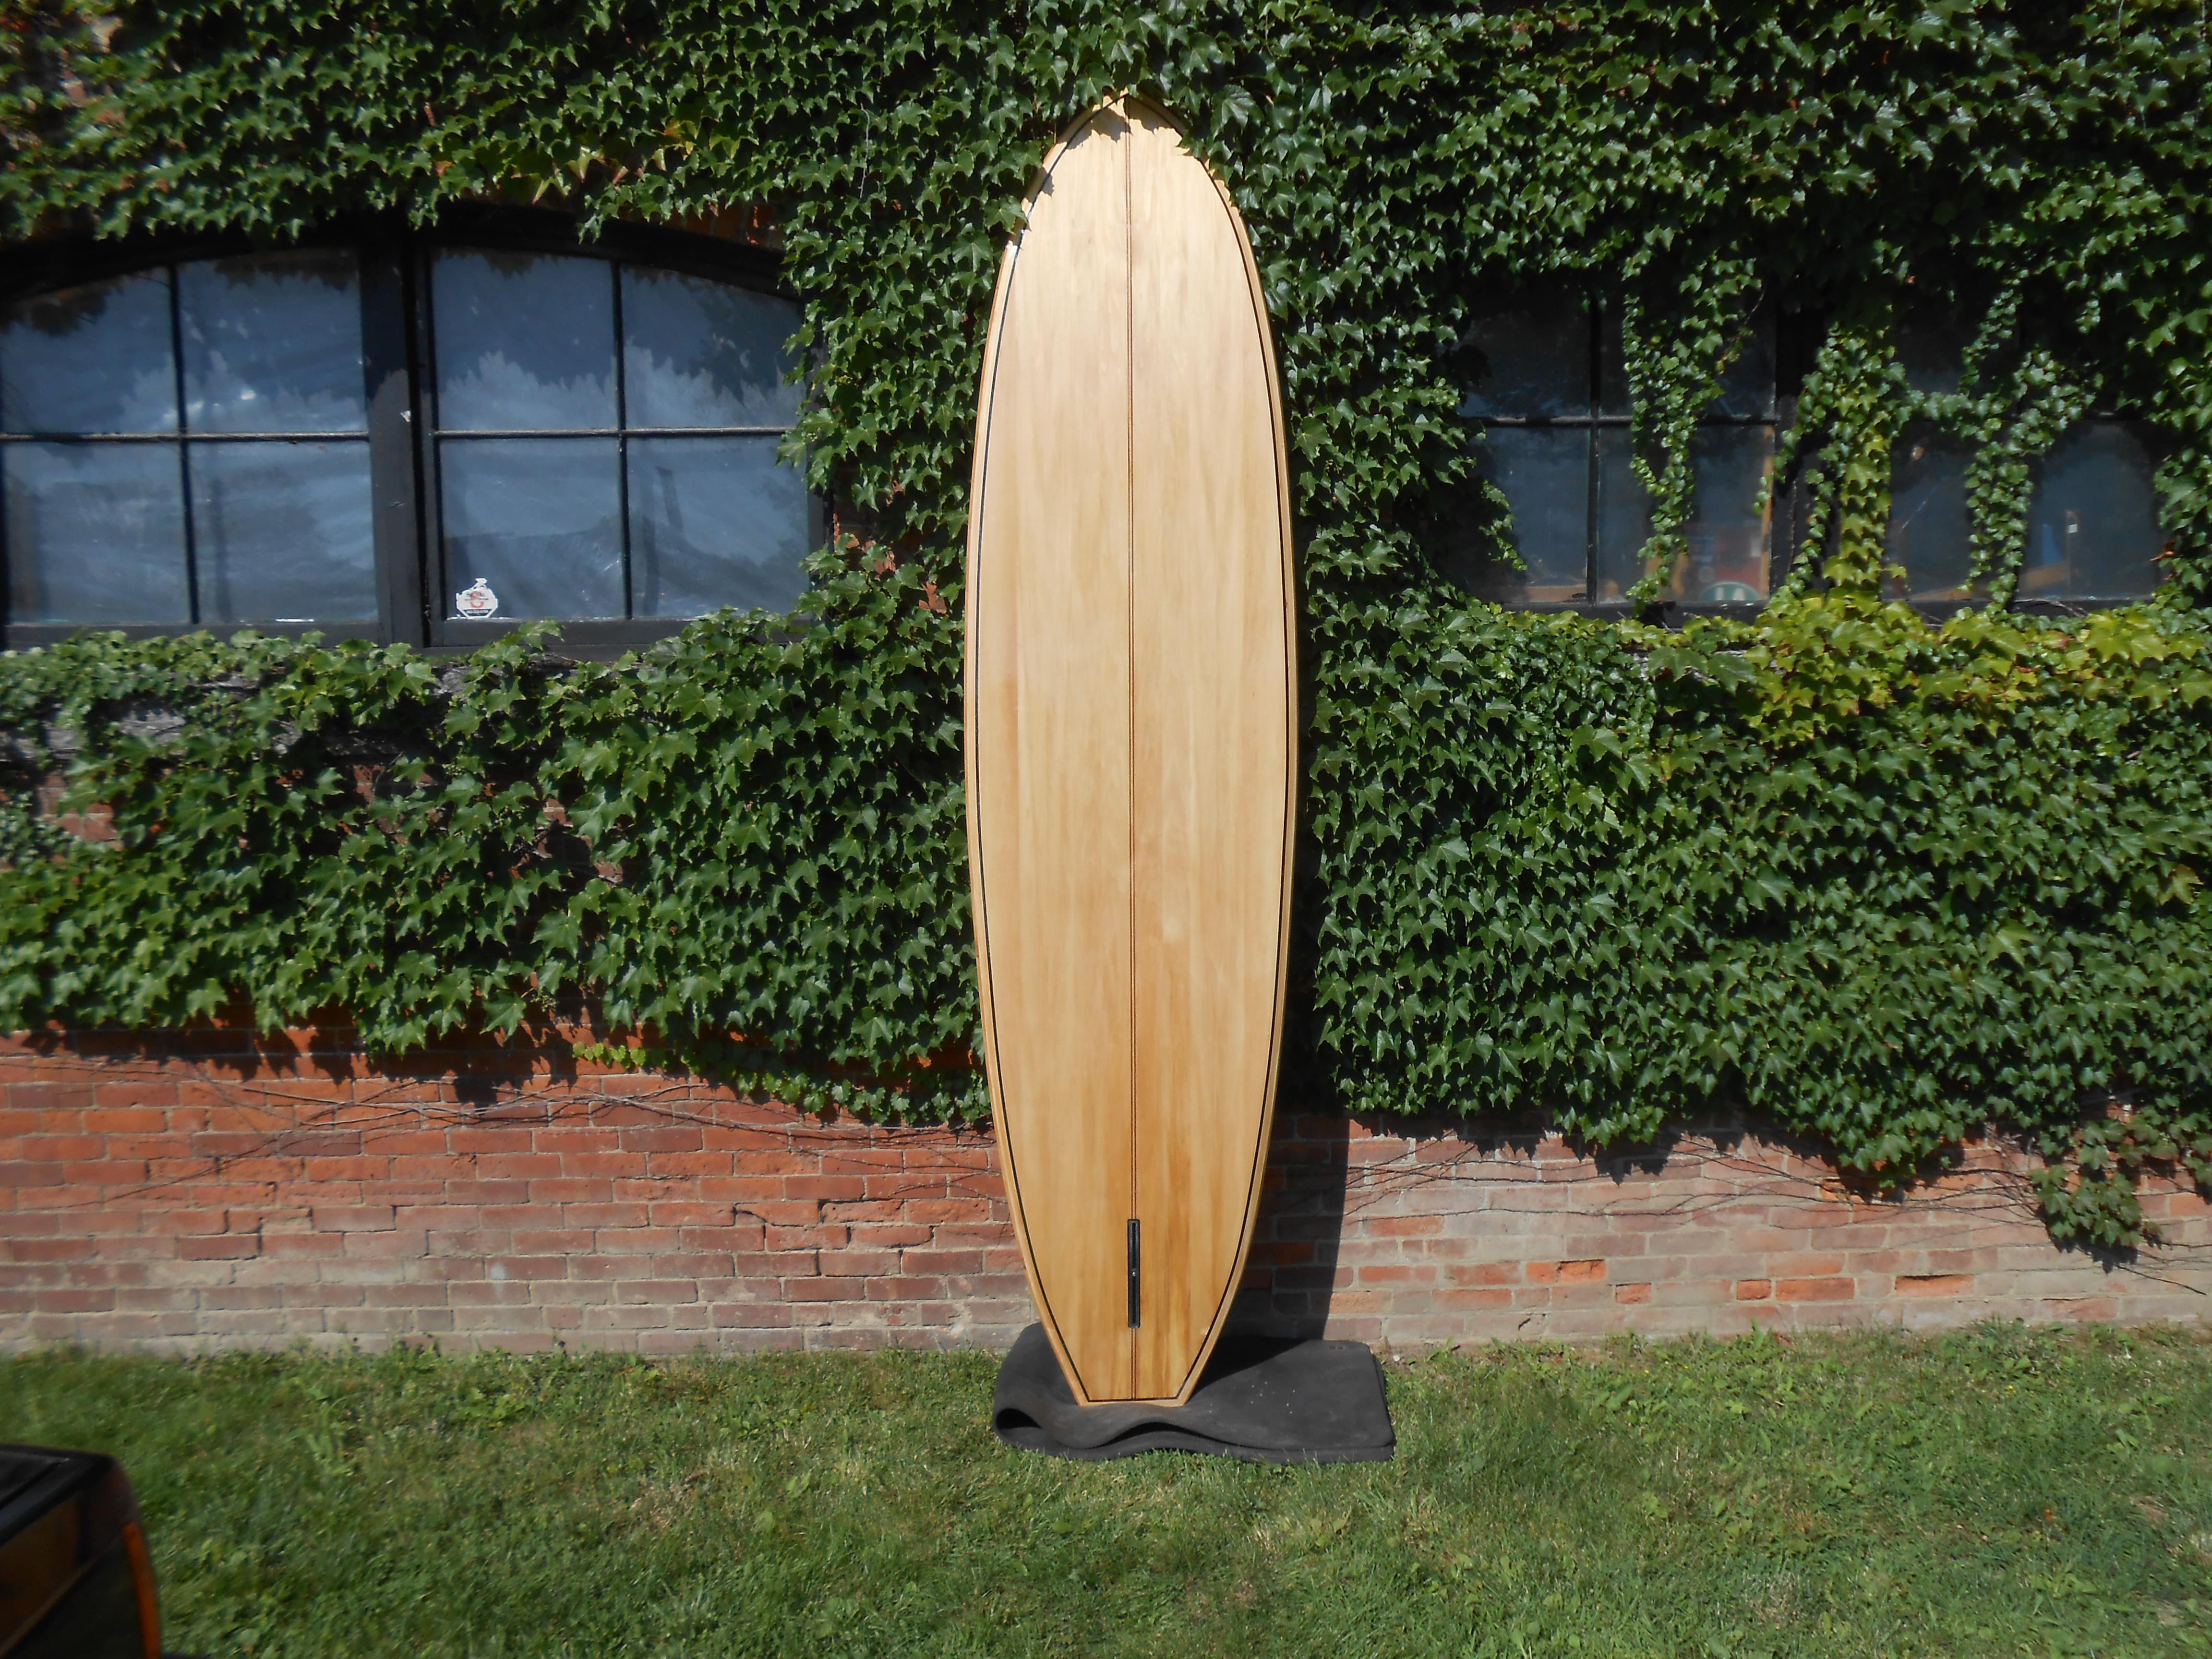 10' wood stand up paddle board Sapele, Bass, Walnut bottom